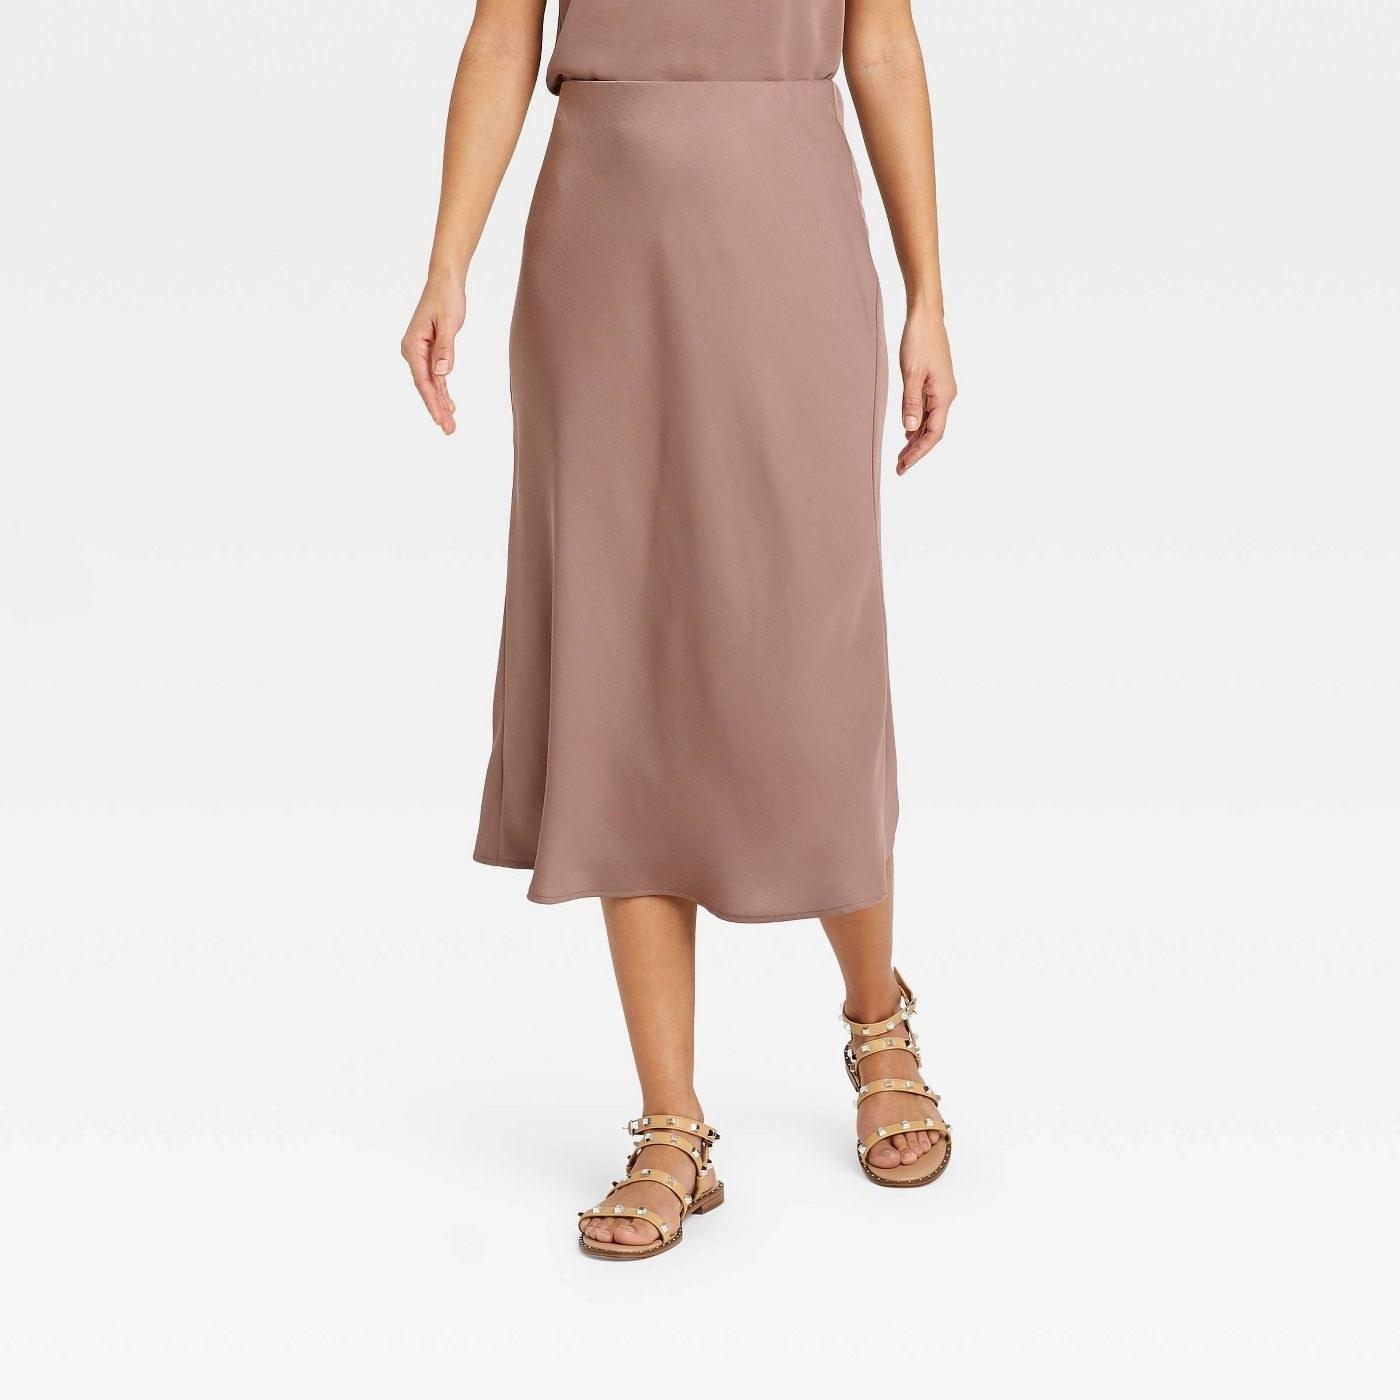 Model in high-rise midi slip skirt